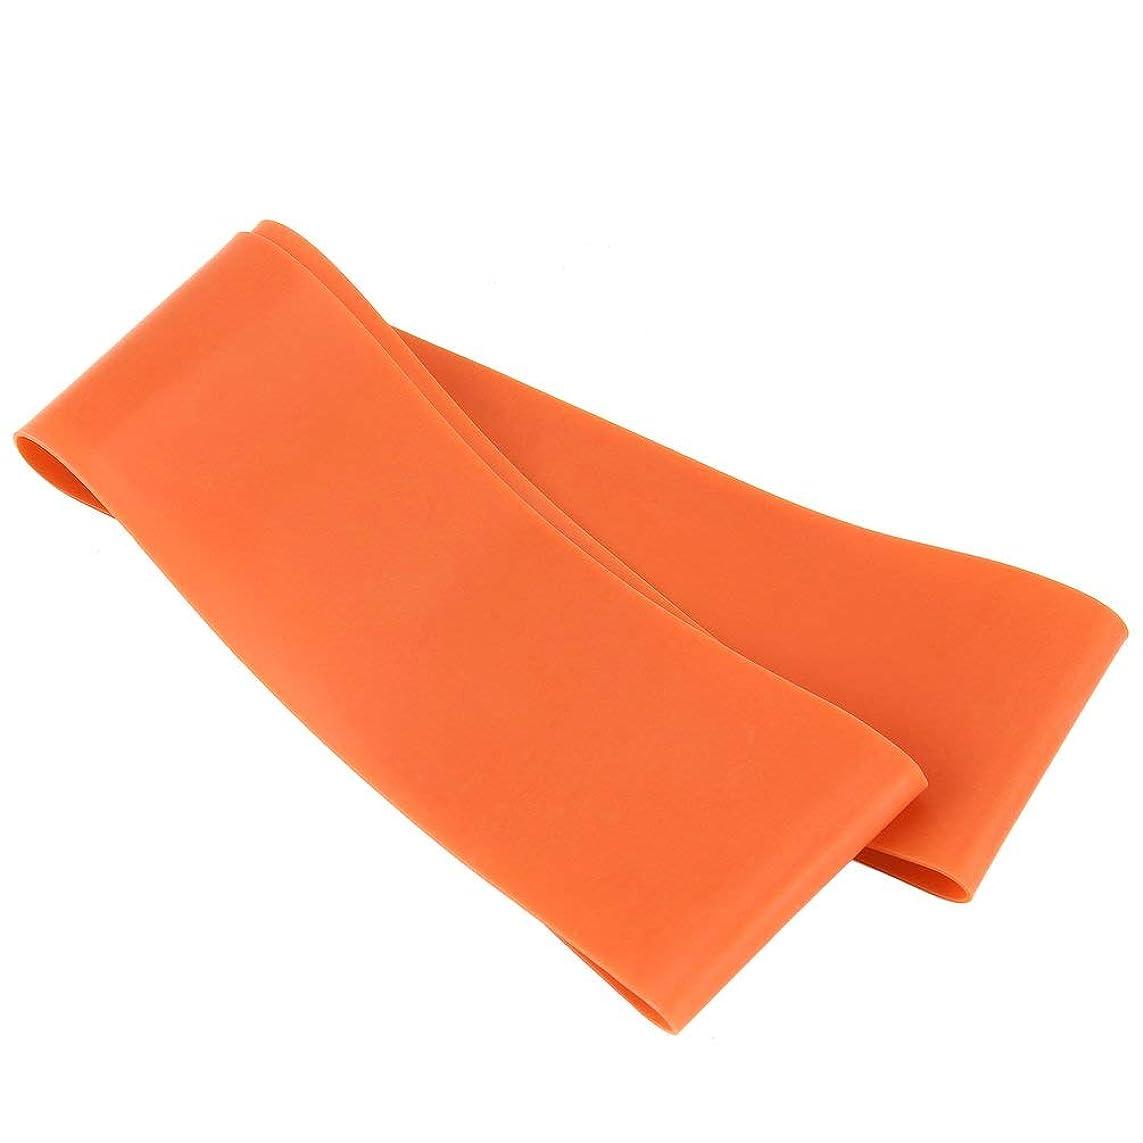 可能性チーターガス滑り止めの伸縮性のあるゴム製伸縮性がある伸縮性があるヨガベルトバンド引きロープの張力抵抗バンドループ強度のためのフィットネスヨガツール - オレンジ